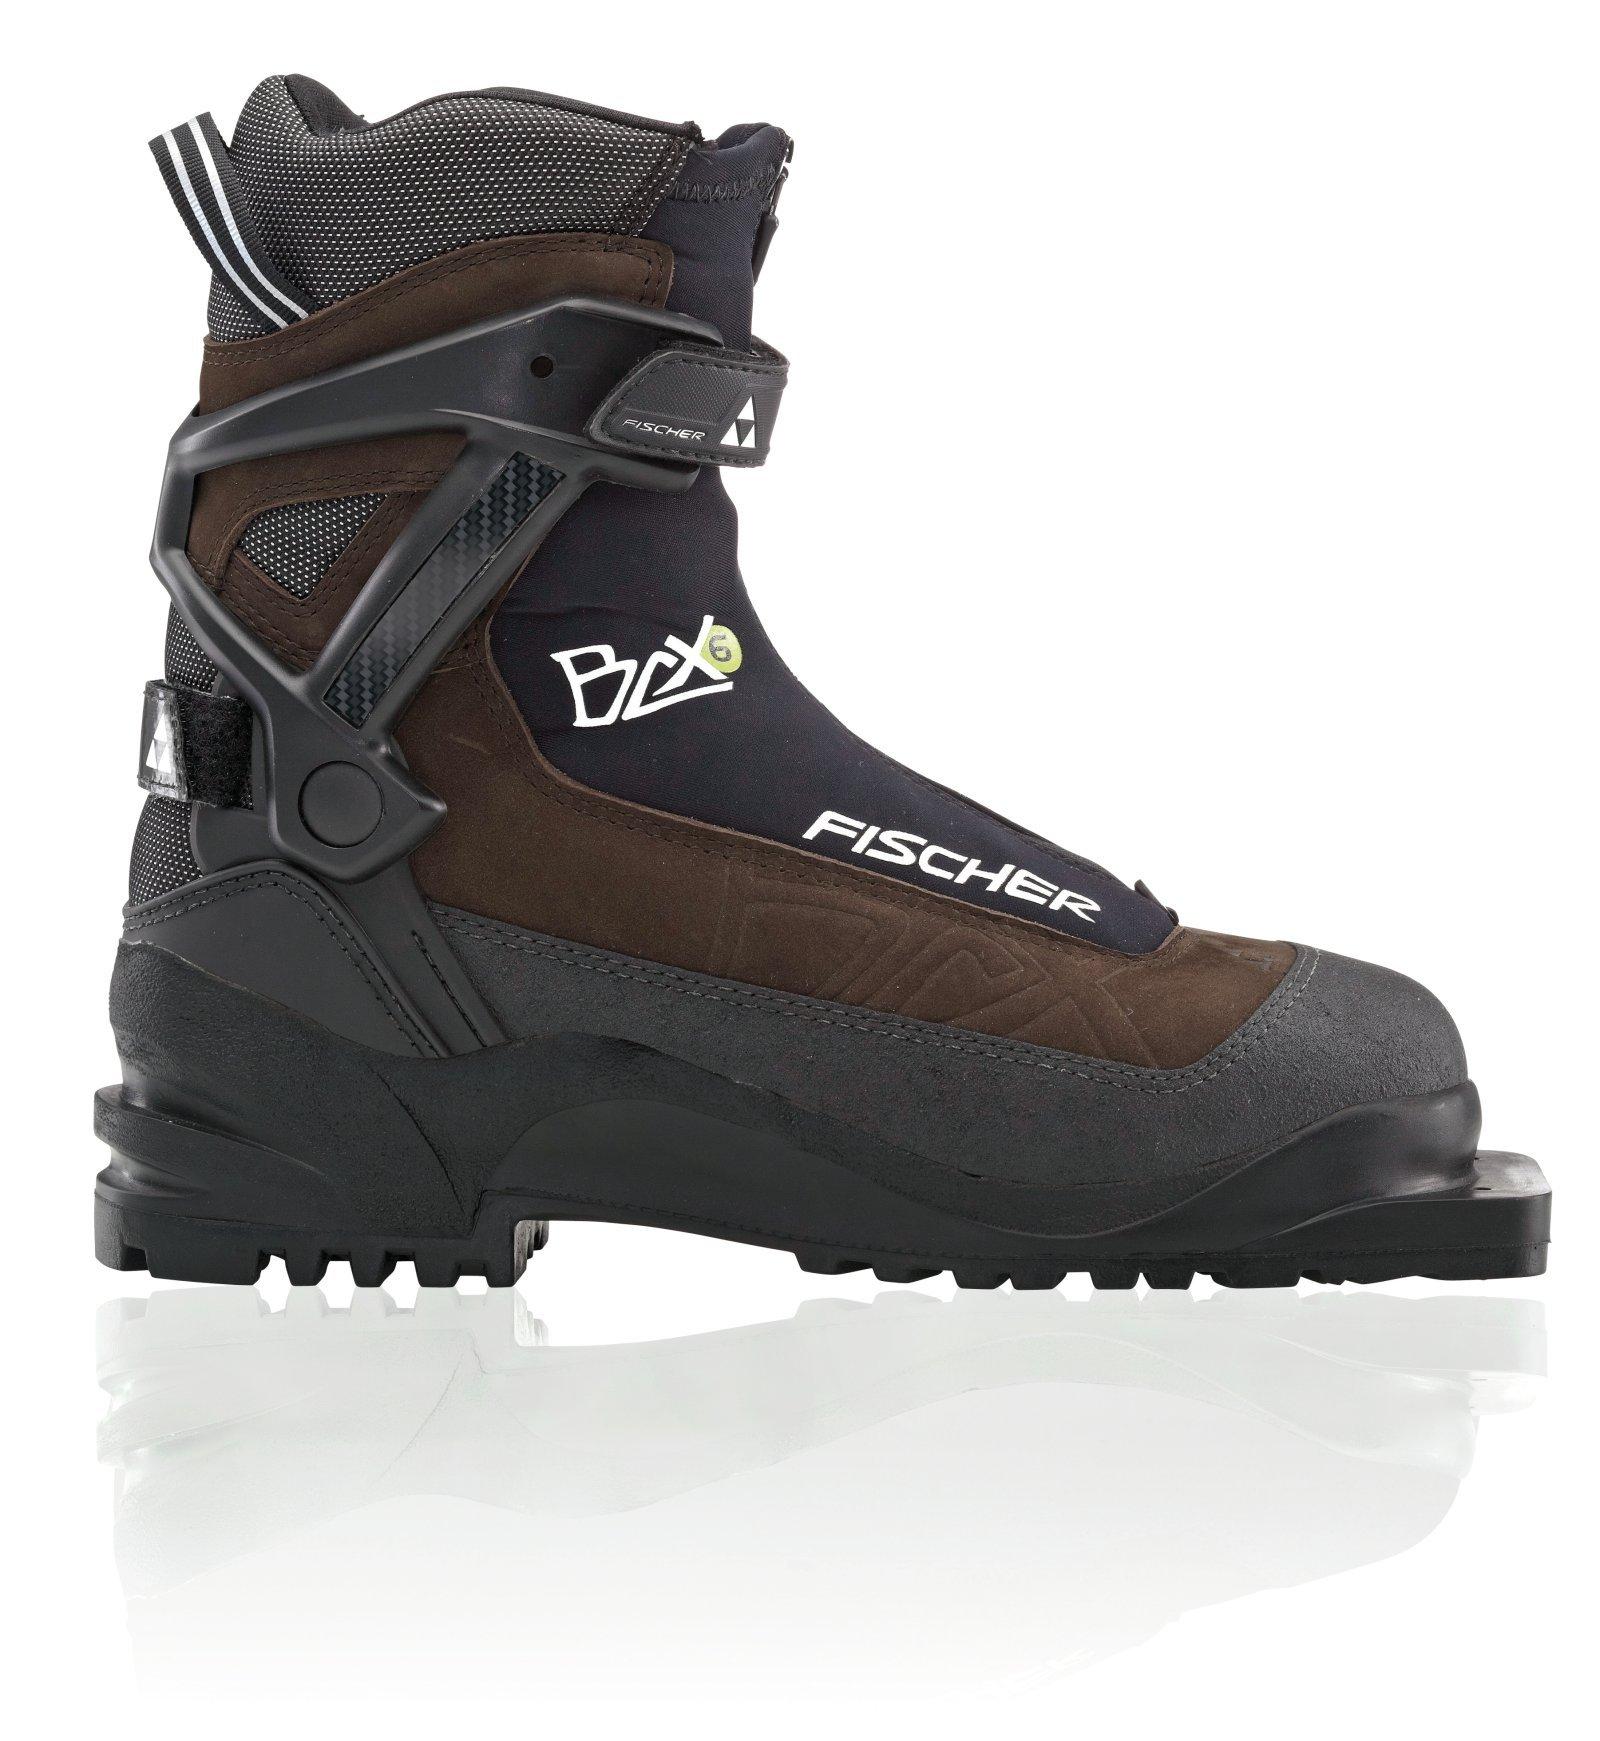 Fischer Skis BCX 675 Boot Ski boots 38 Black/Brown by Fischer Skis